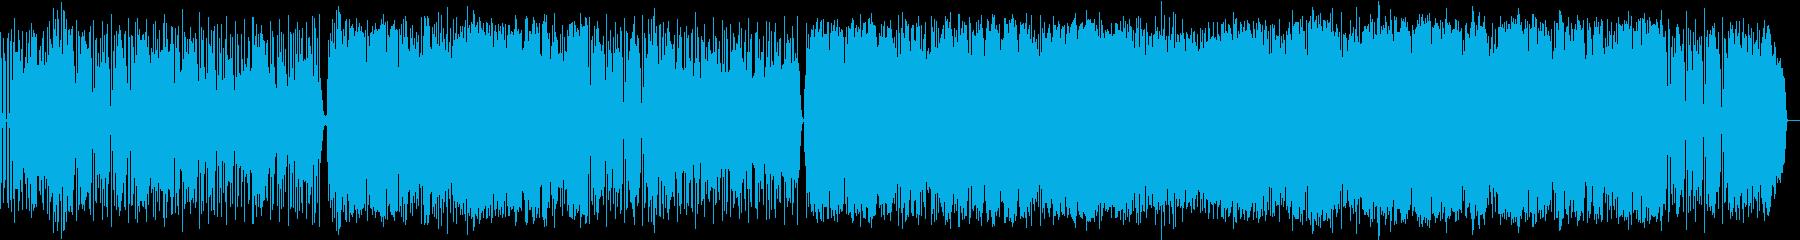 スローテンポのダークなロックの再生済みの波形